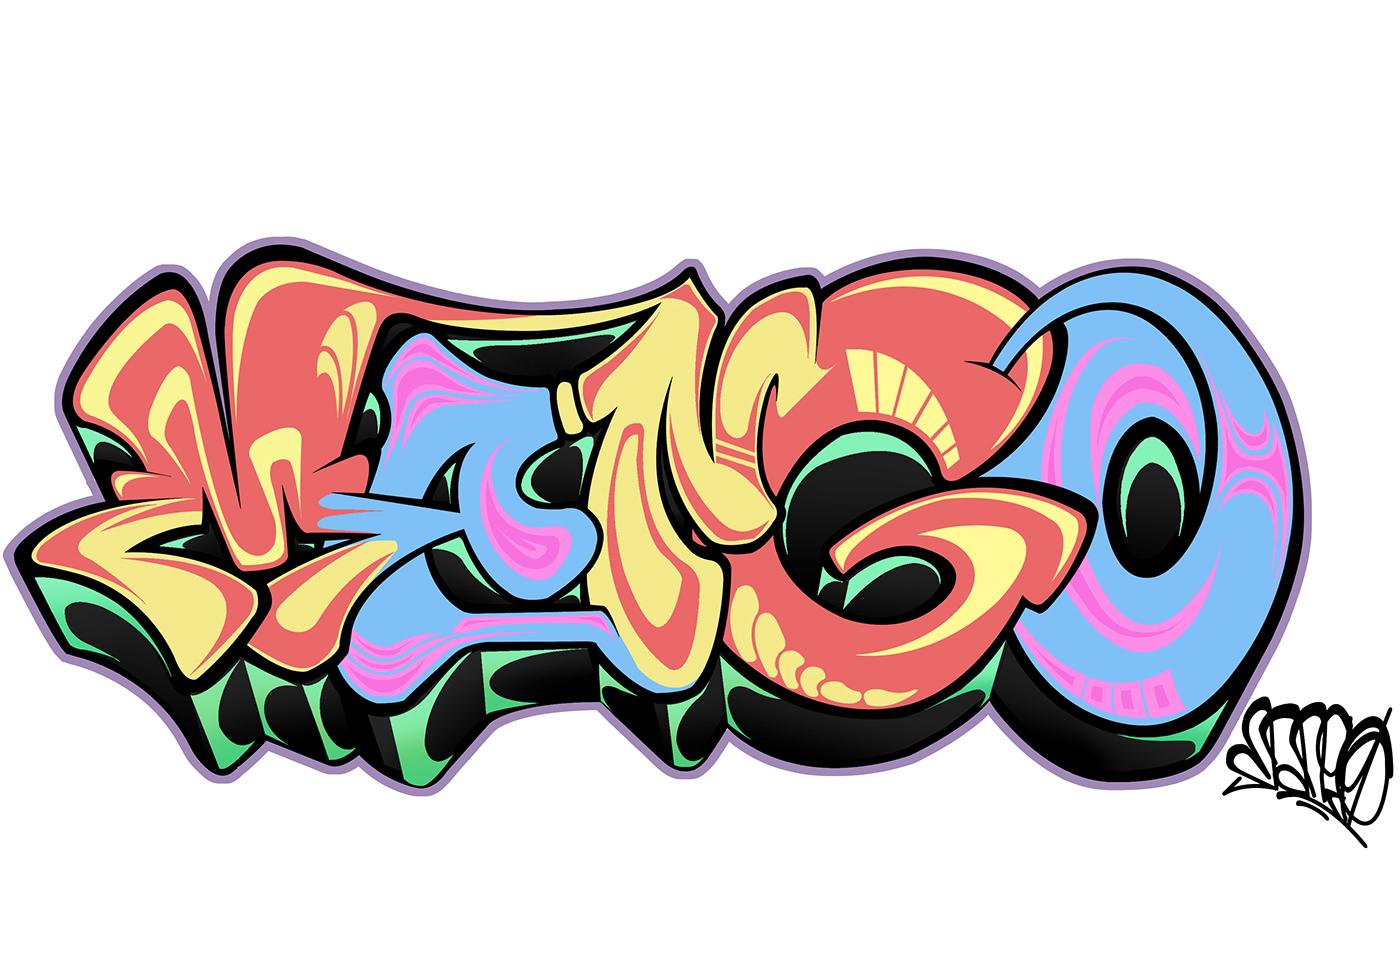 Картинка граффити на белом фоне